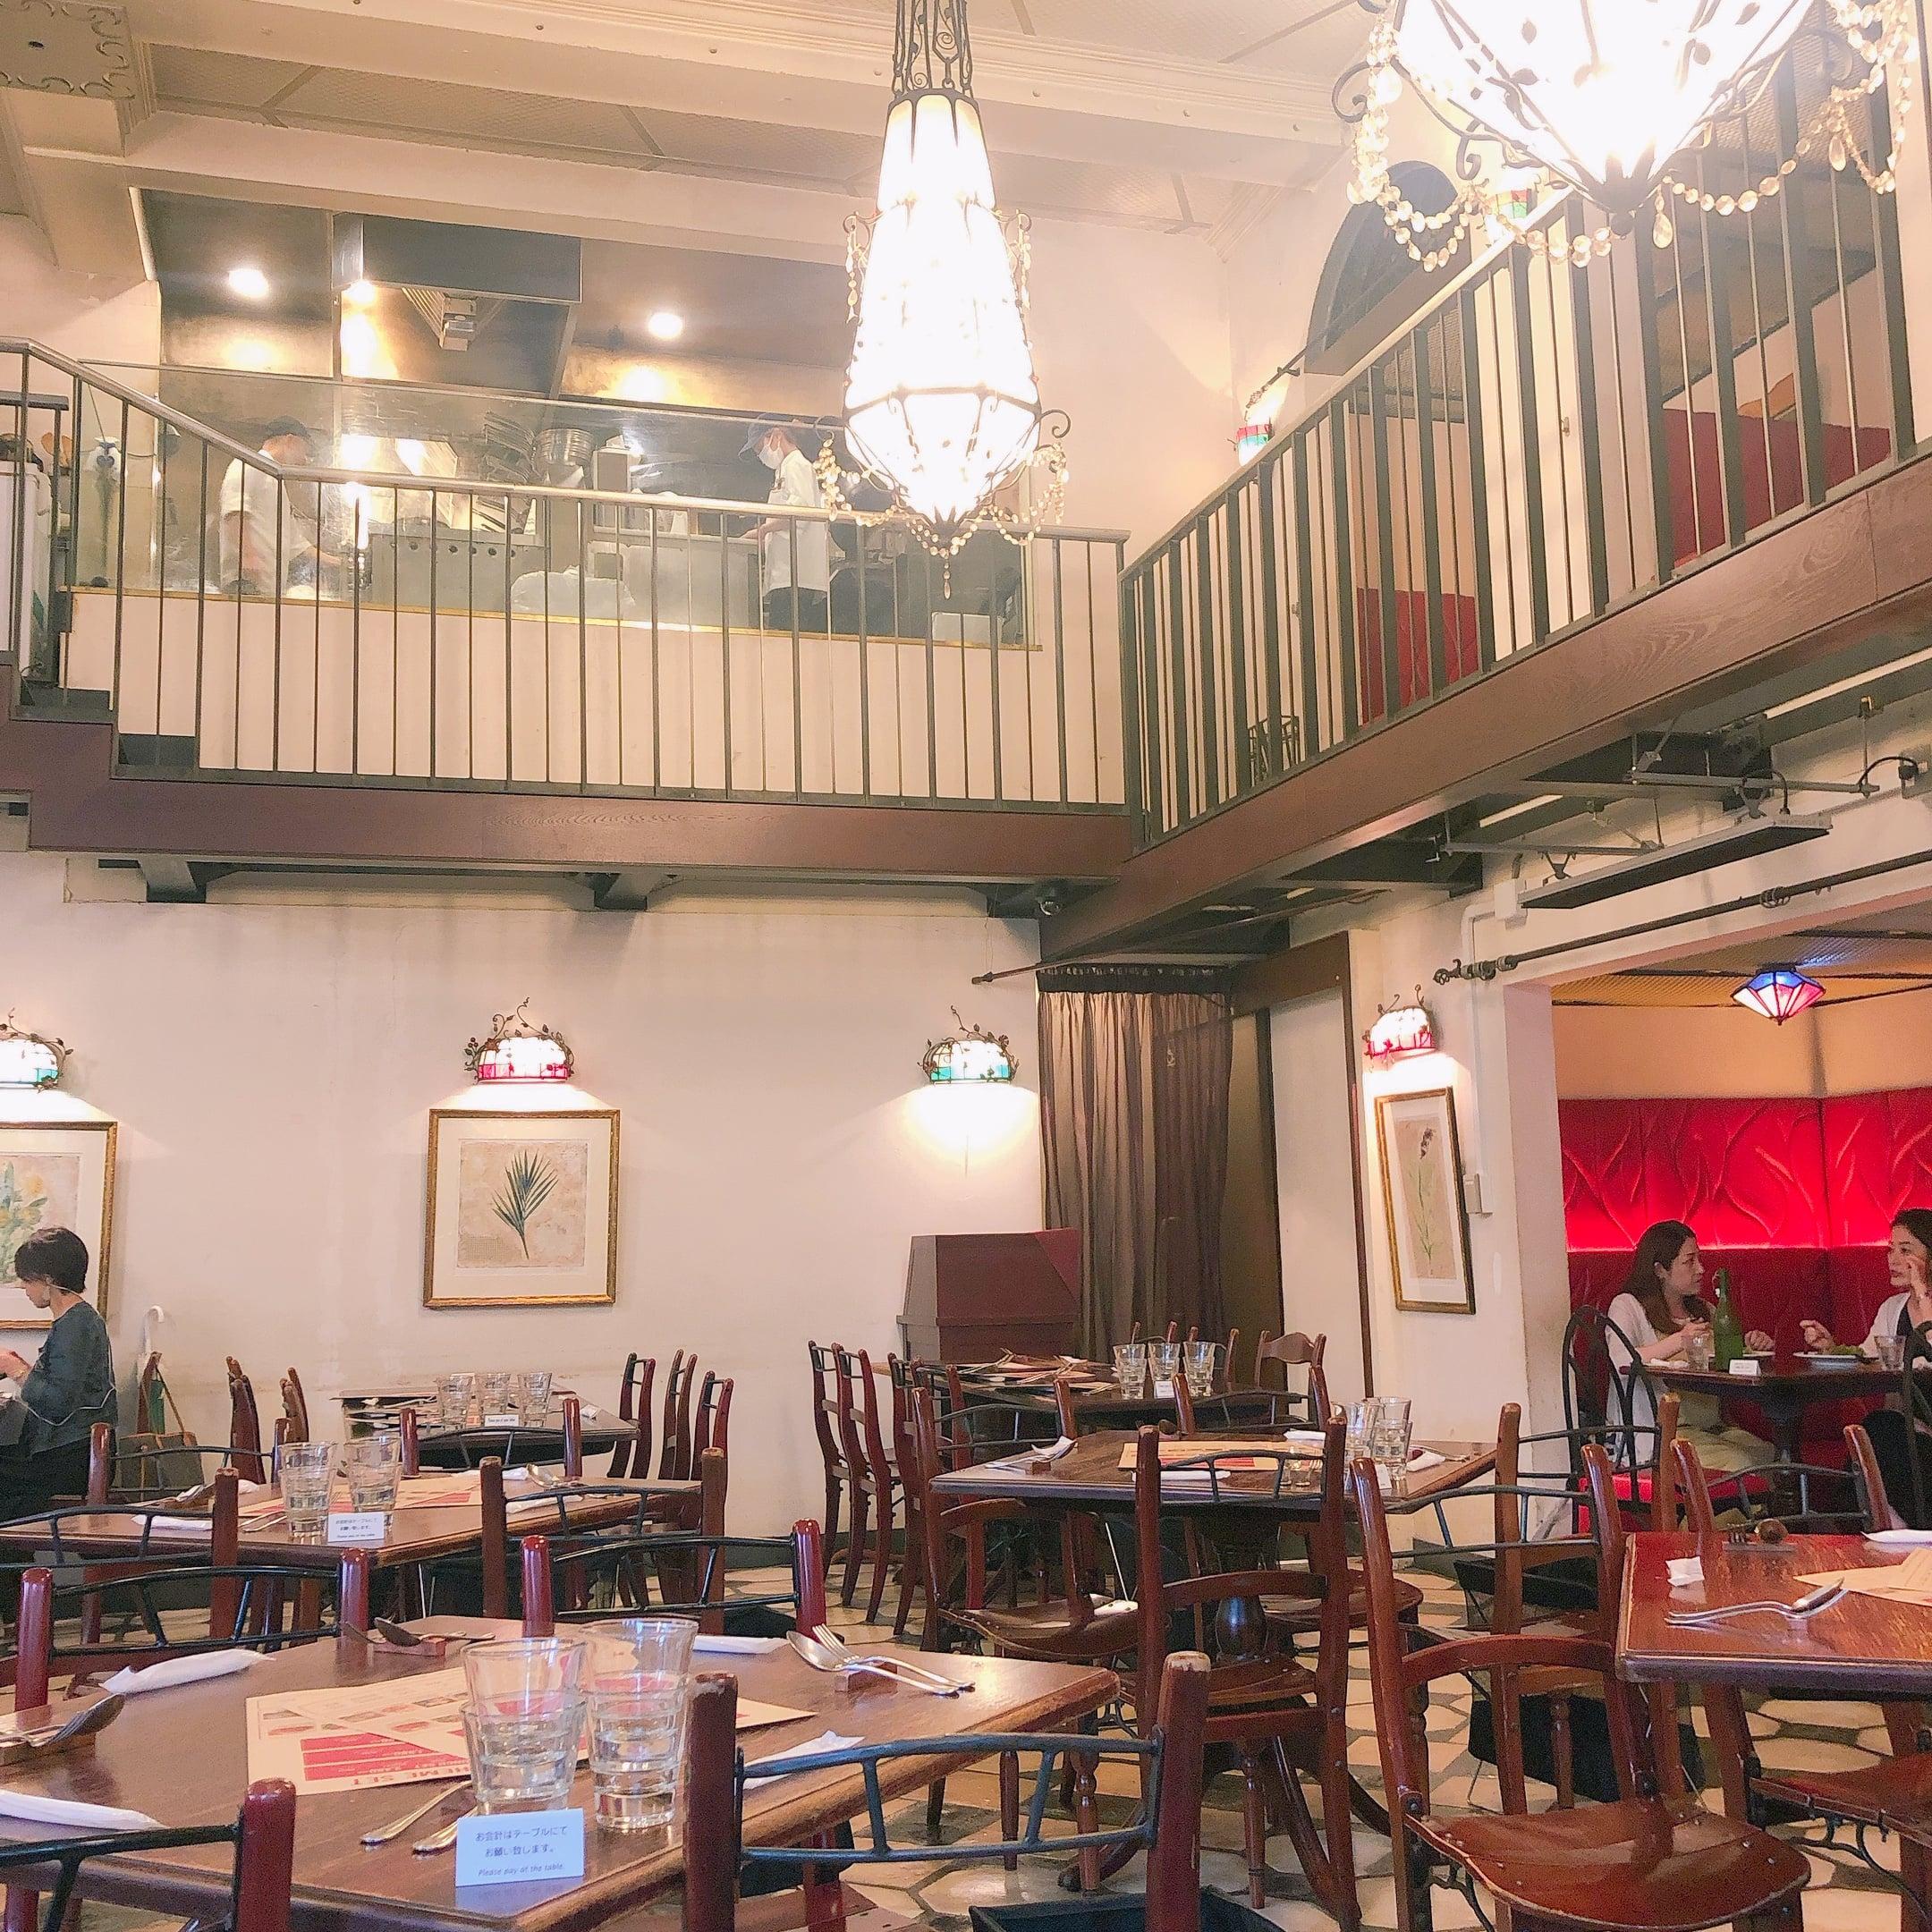 【カフェ ラ・ボエム 新宿御苑】お買い物の休憩に立ち寄りたい。緑に囲まれた、ゆったりカフェ。_1